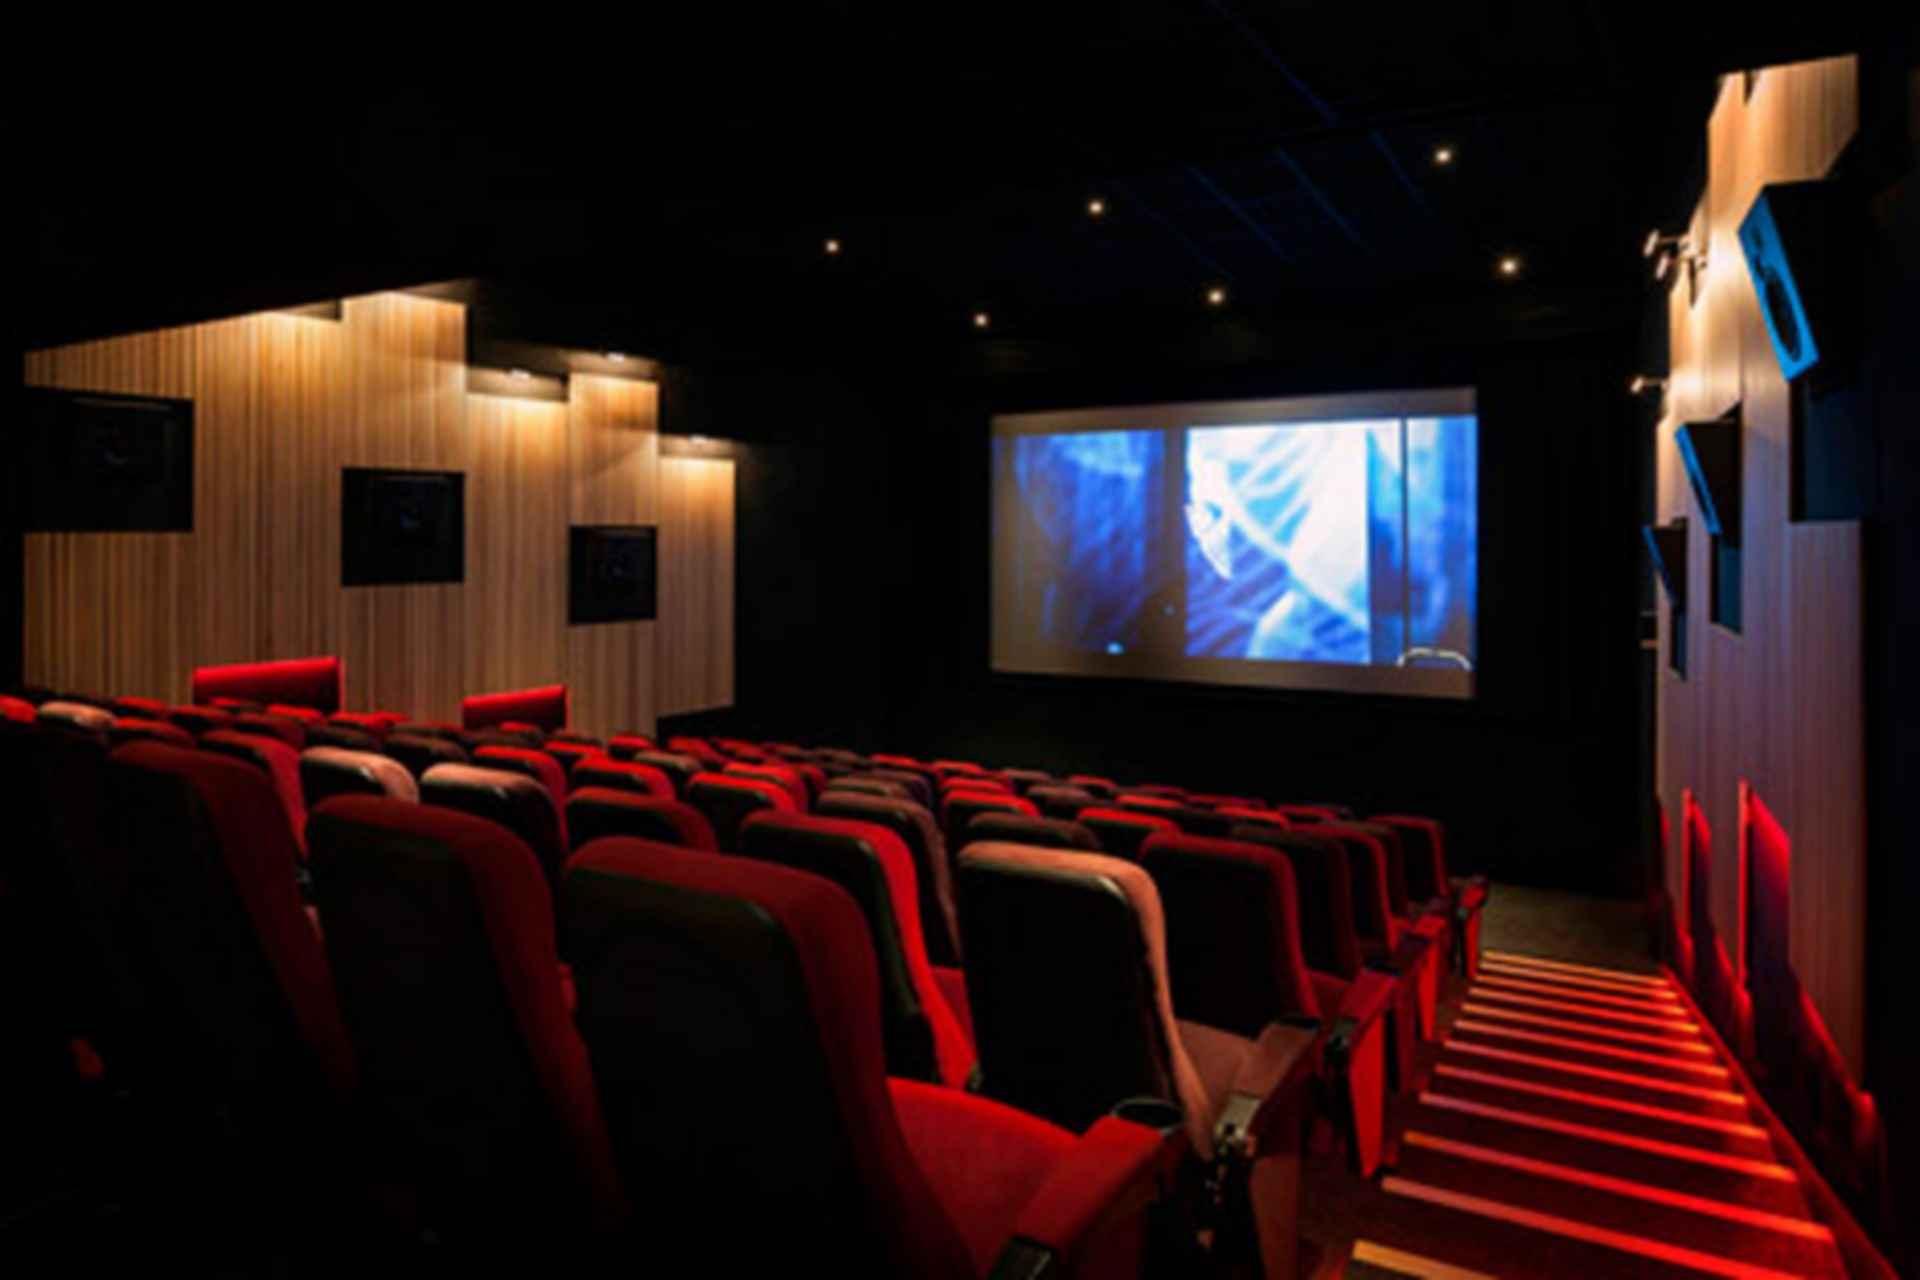 The Kino - theater